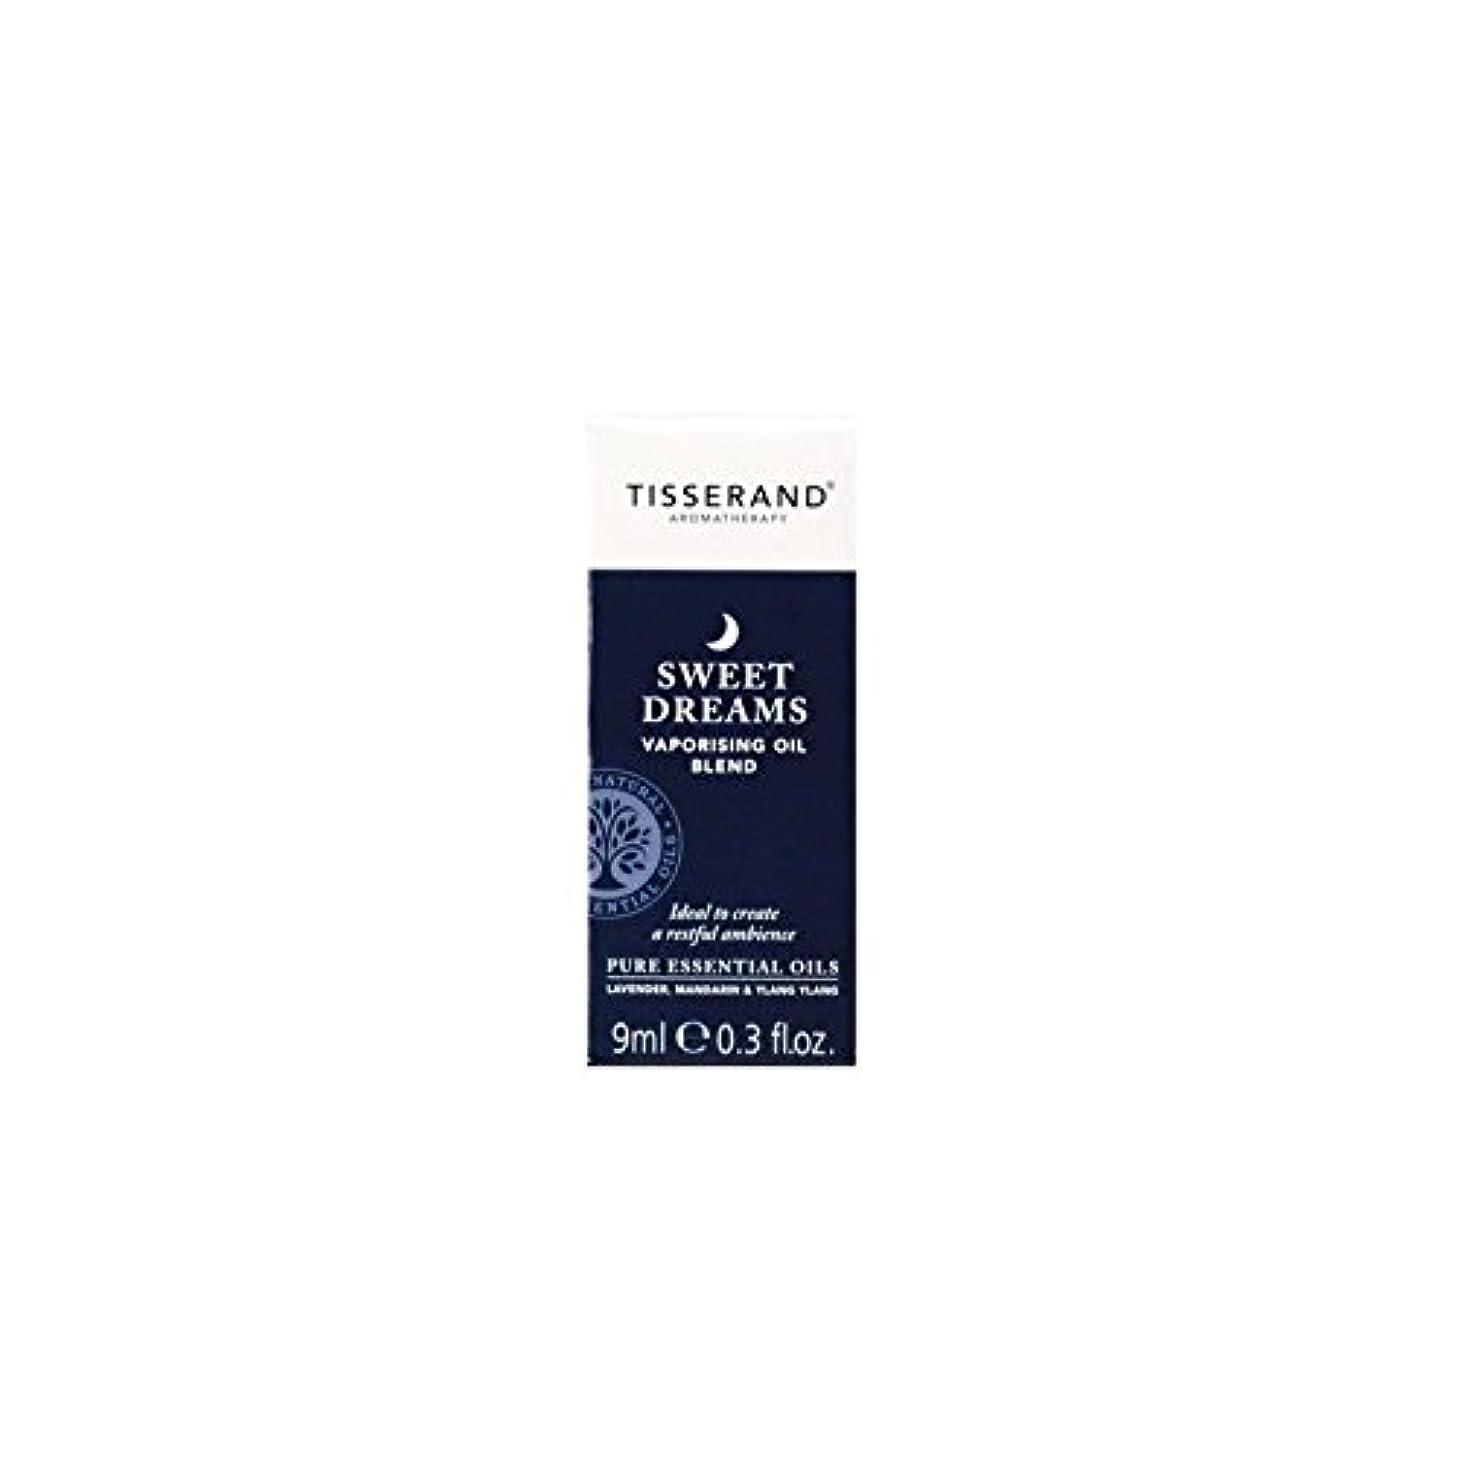 テロリスト通貨おオイル9ミリリットルを気化甘い夢 (Tisserand) (x 2) - Tisserand Sweet Dreams Vaporising Oil 9ml (Pack of 2) [並行輸入品]